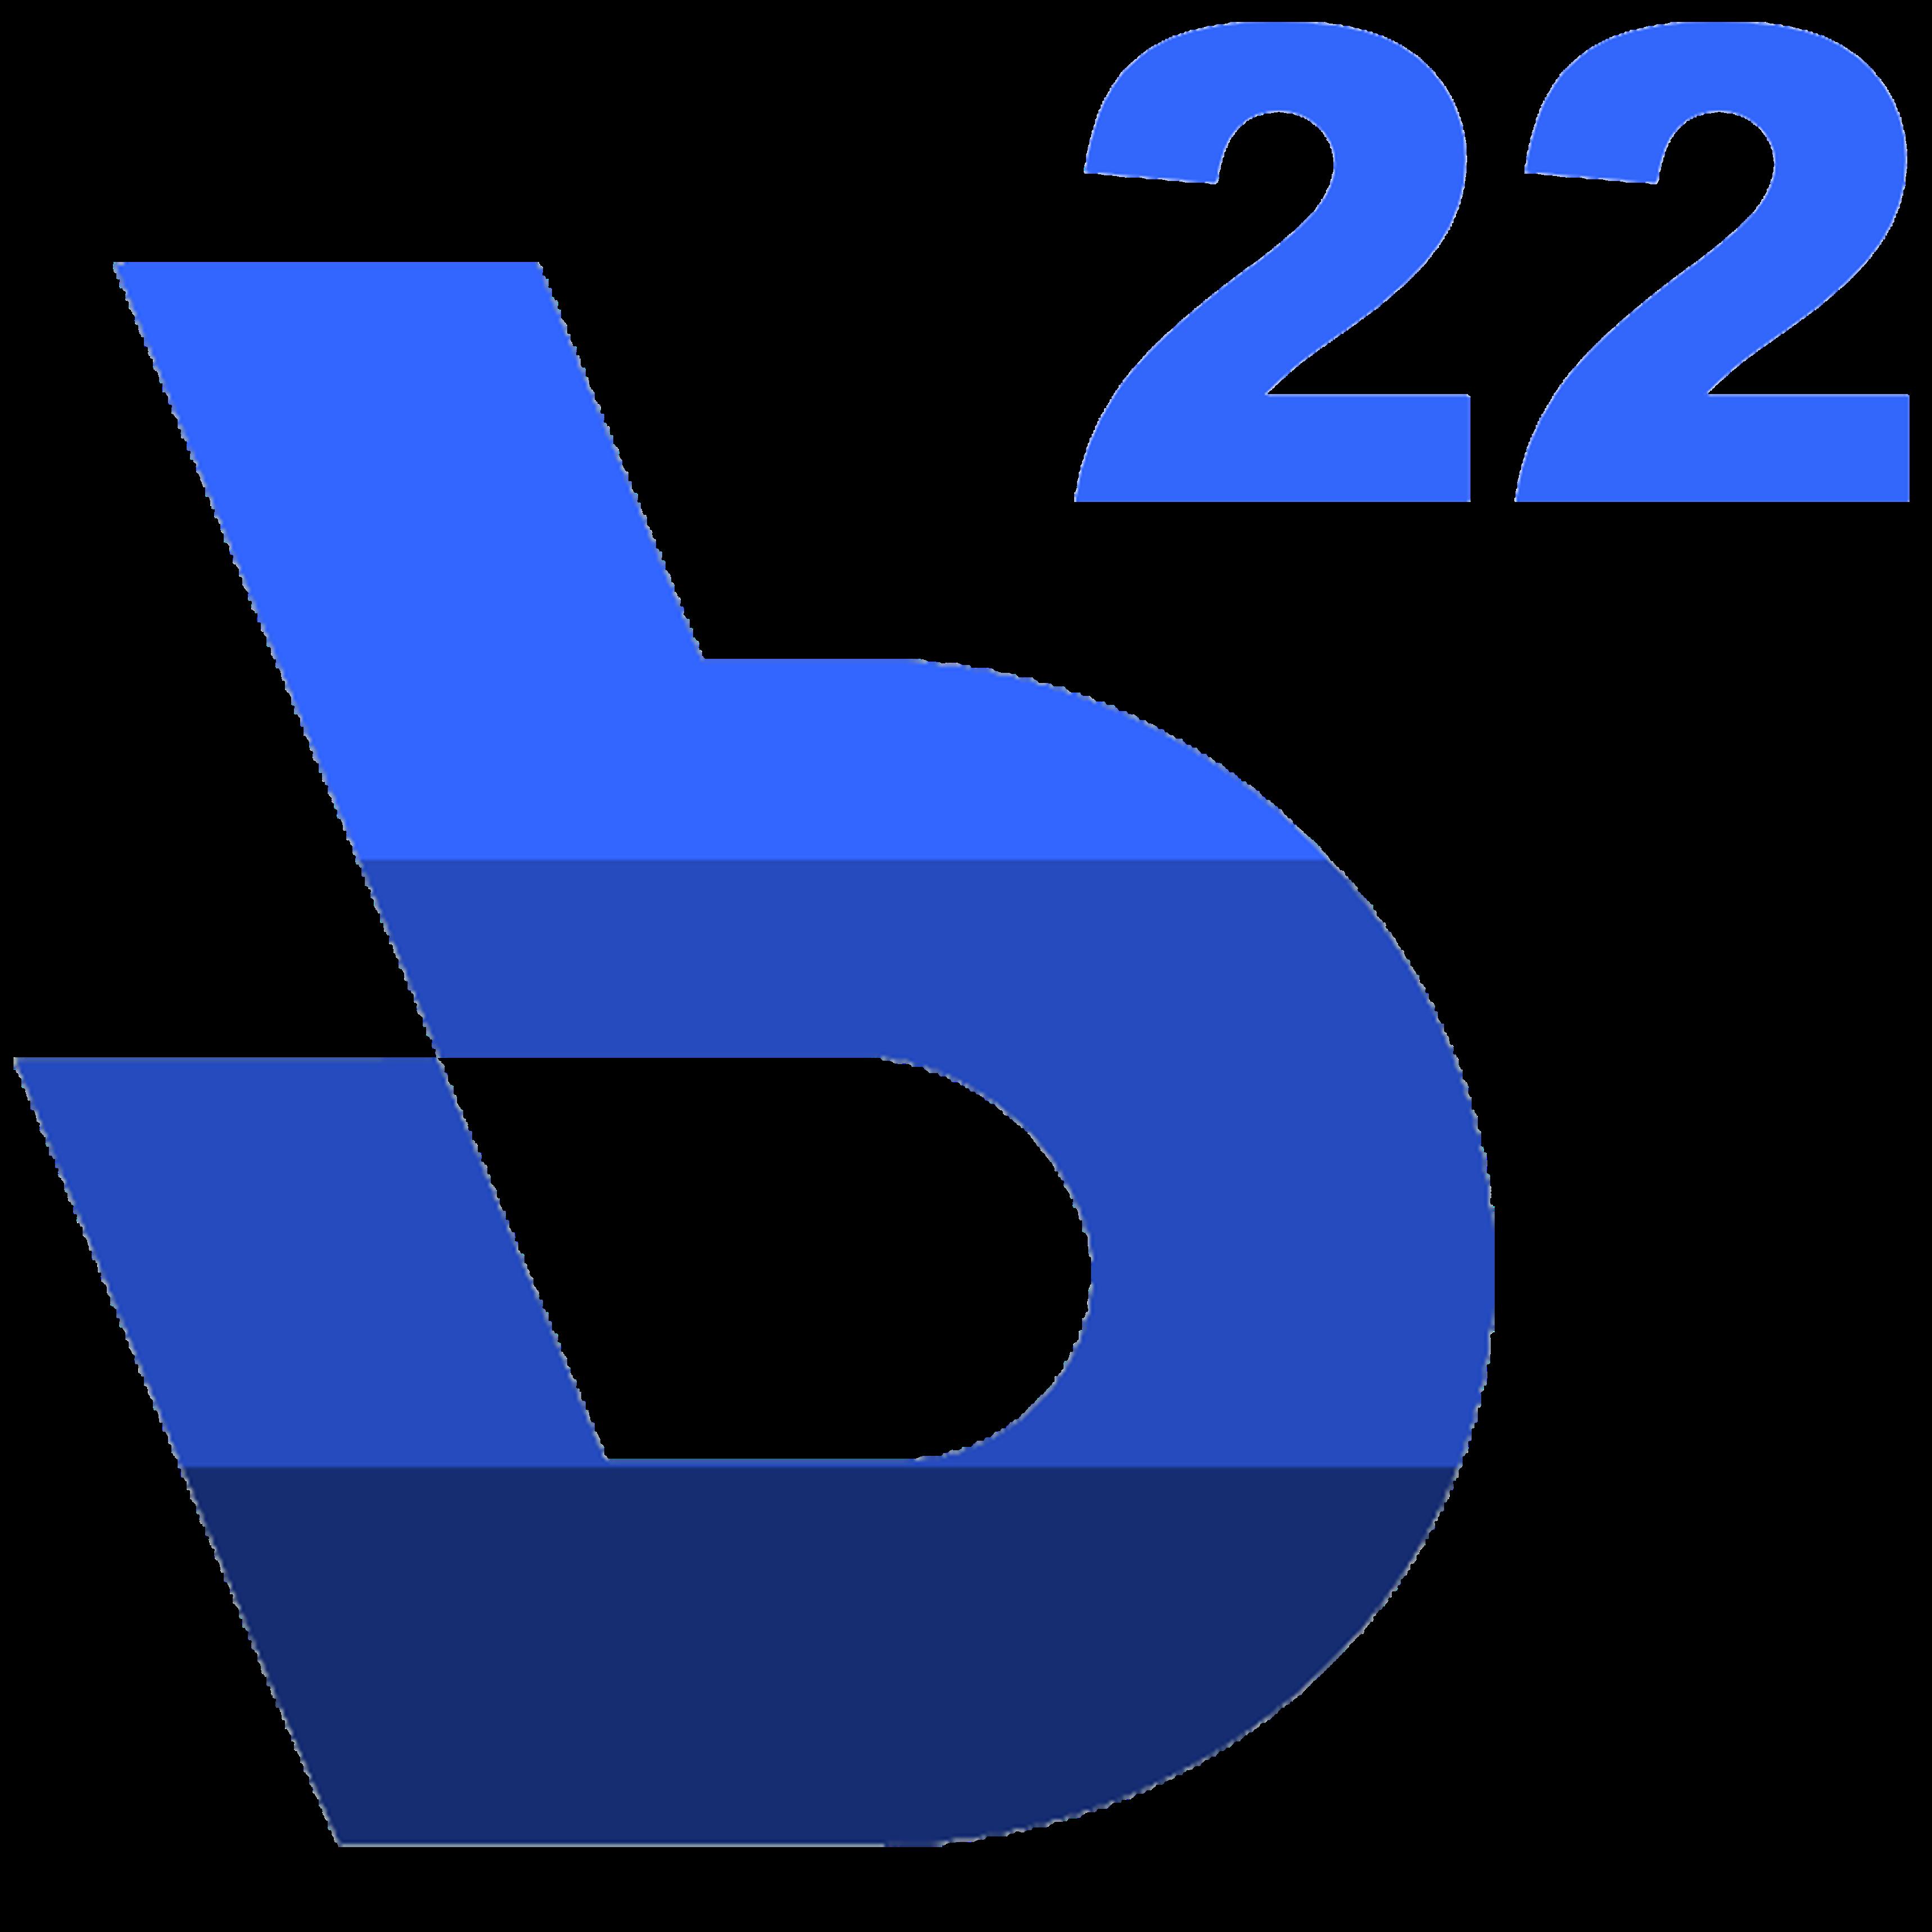 (c) B22.xyz